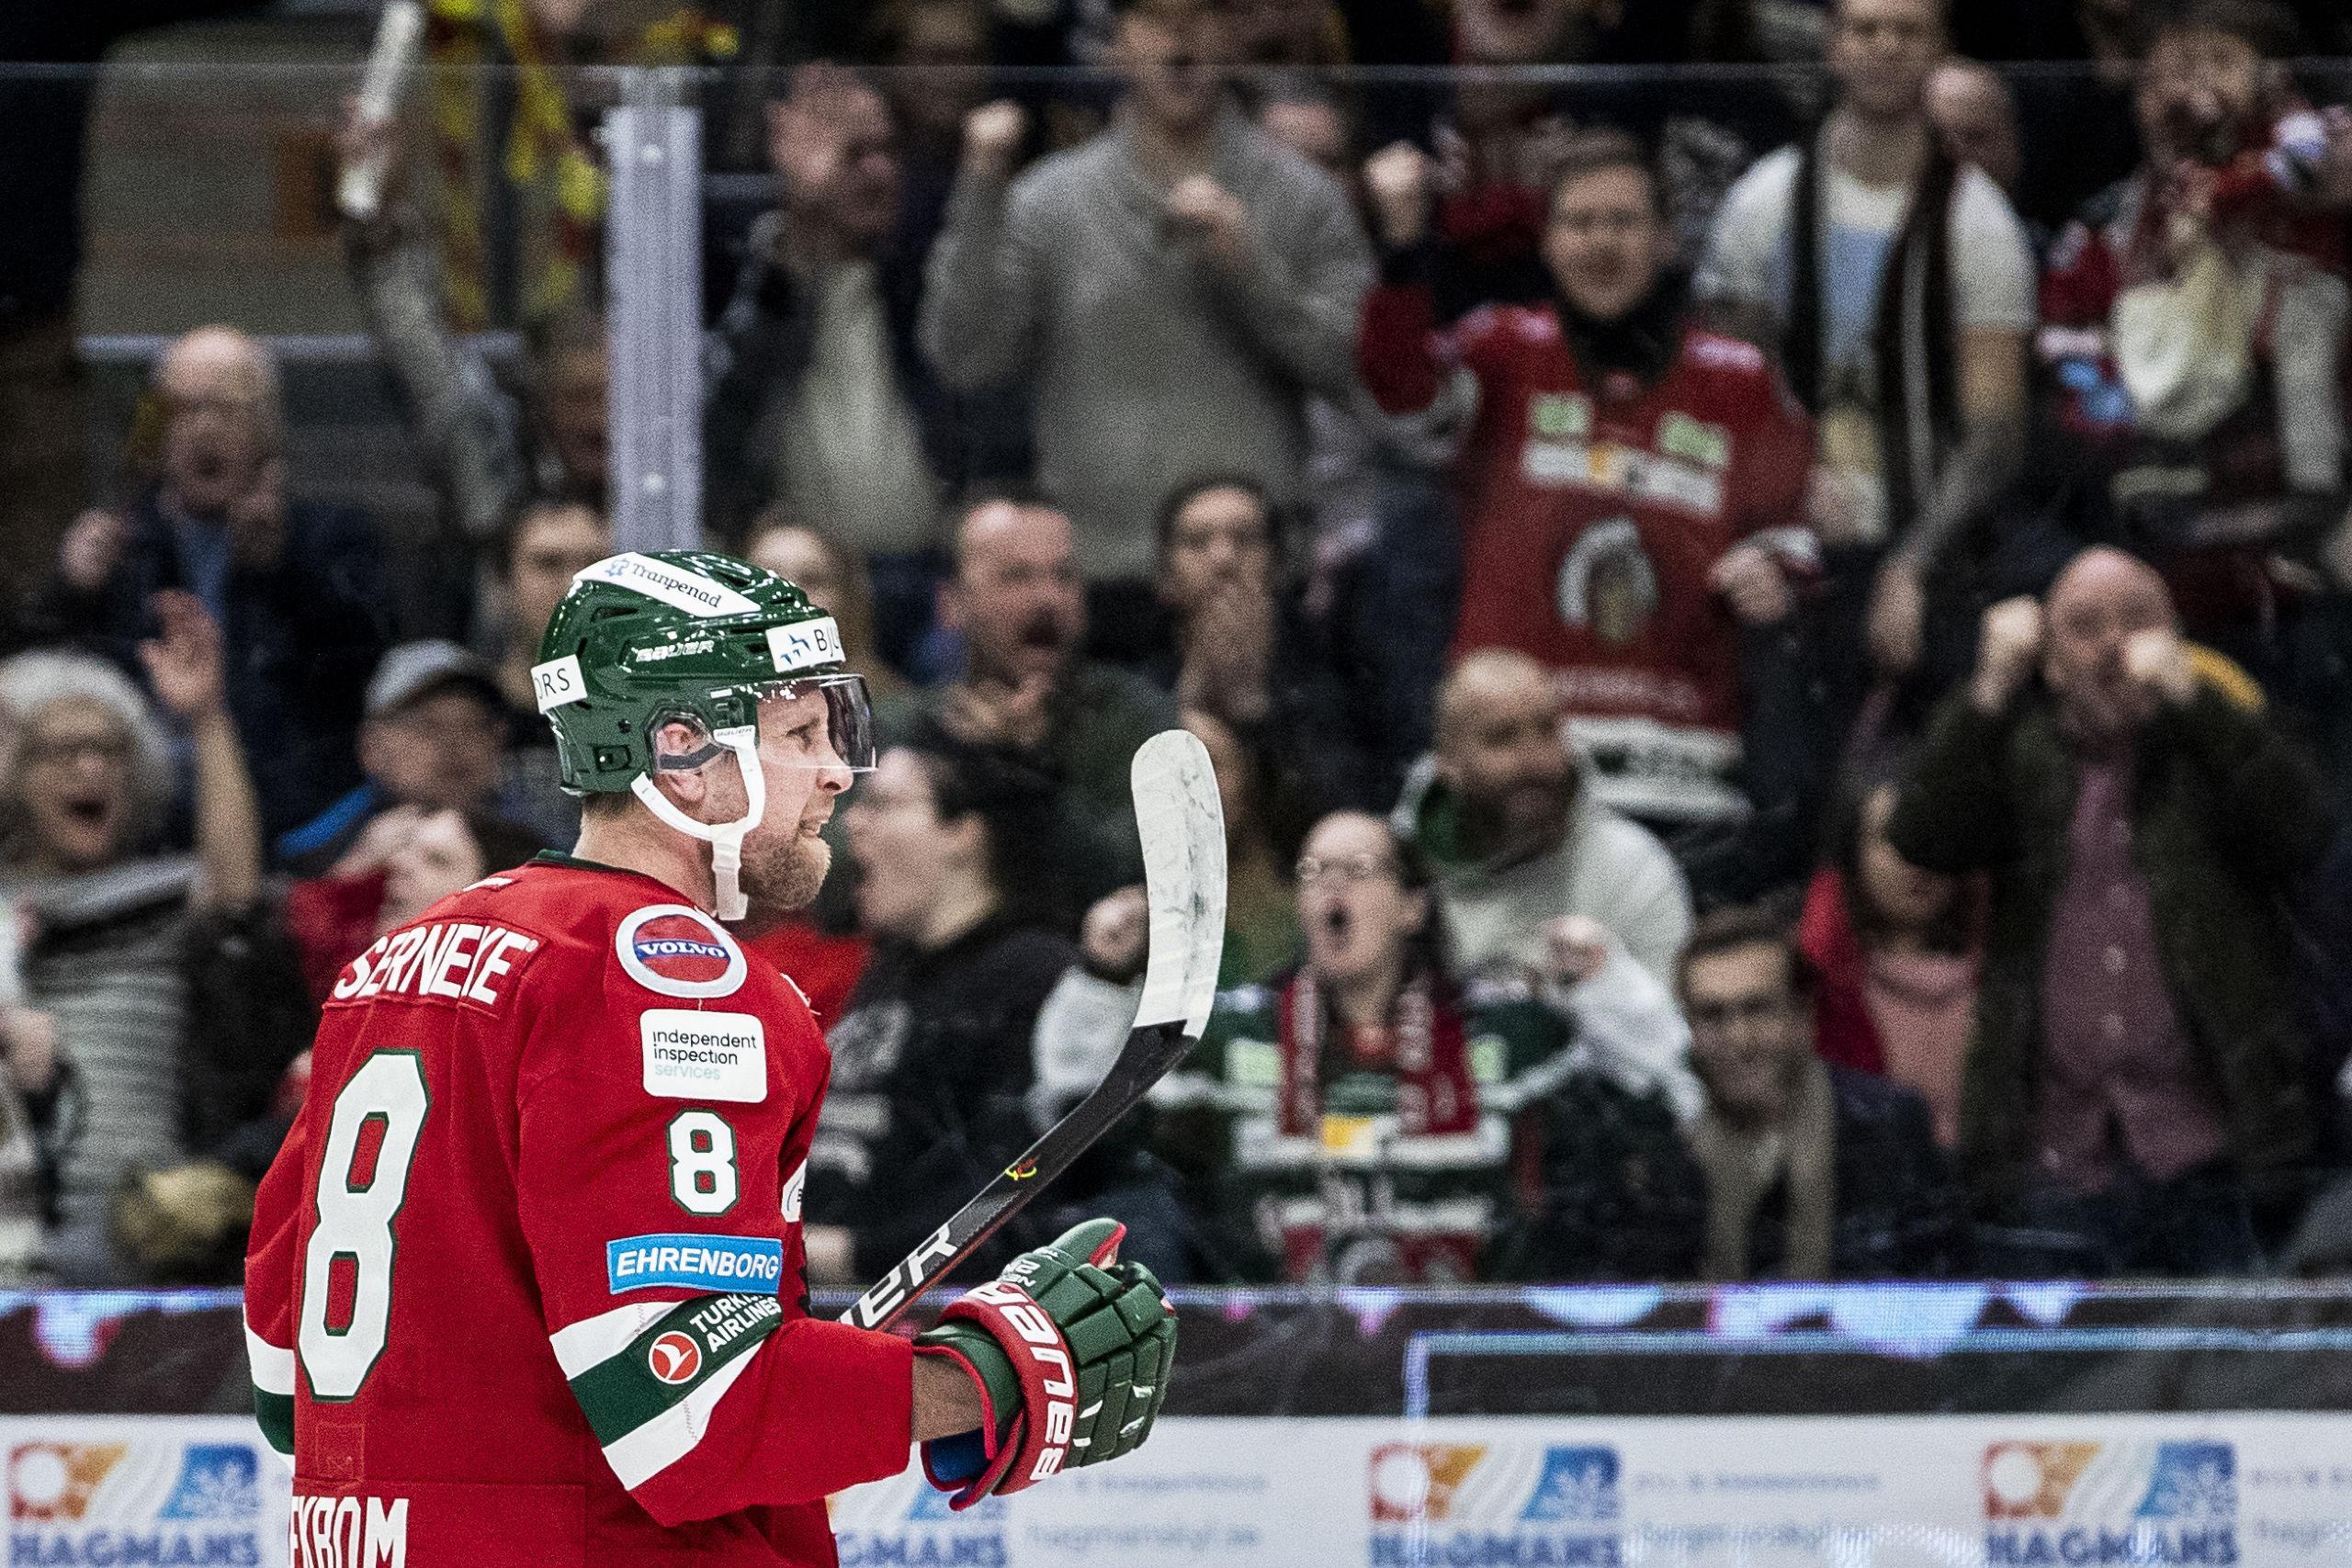 Frölundas dröm om kvartsfinalplats lever efter segern